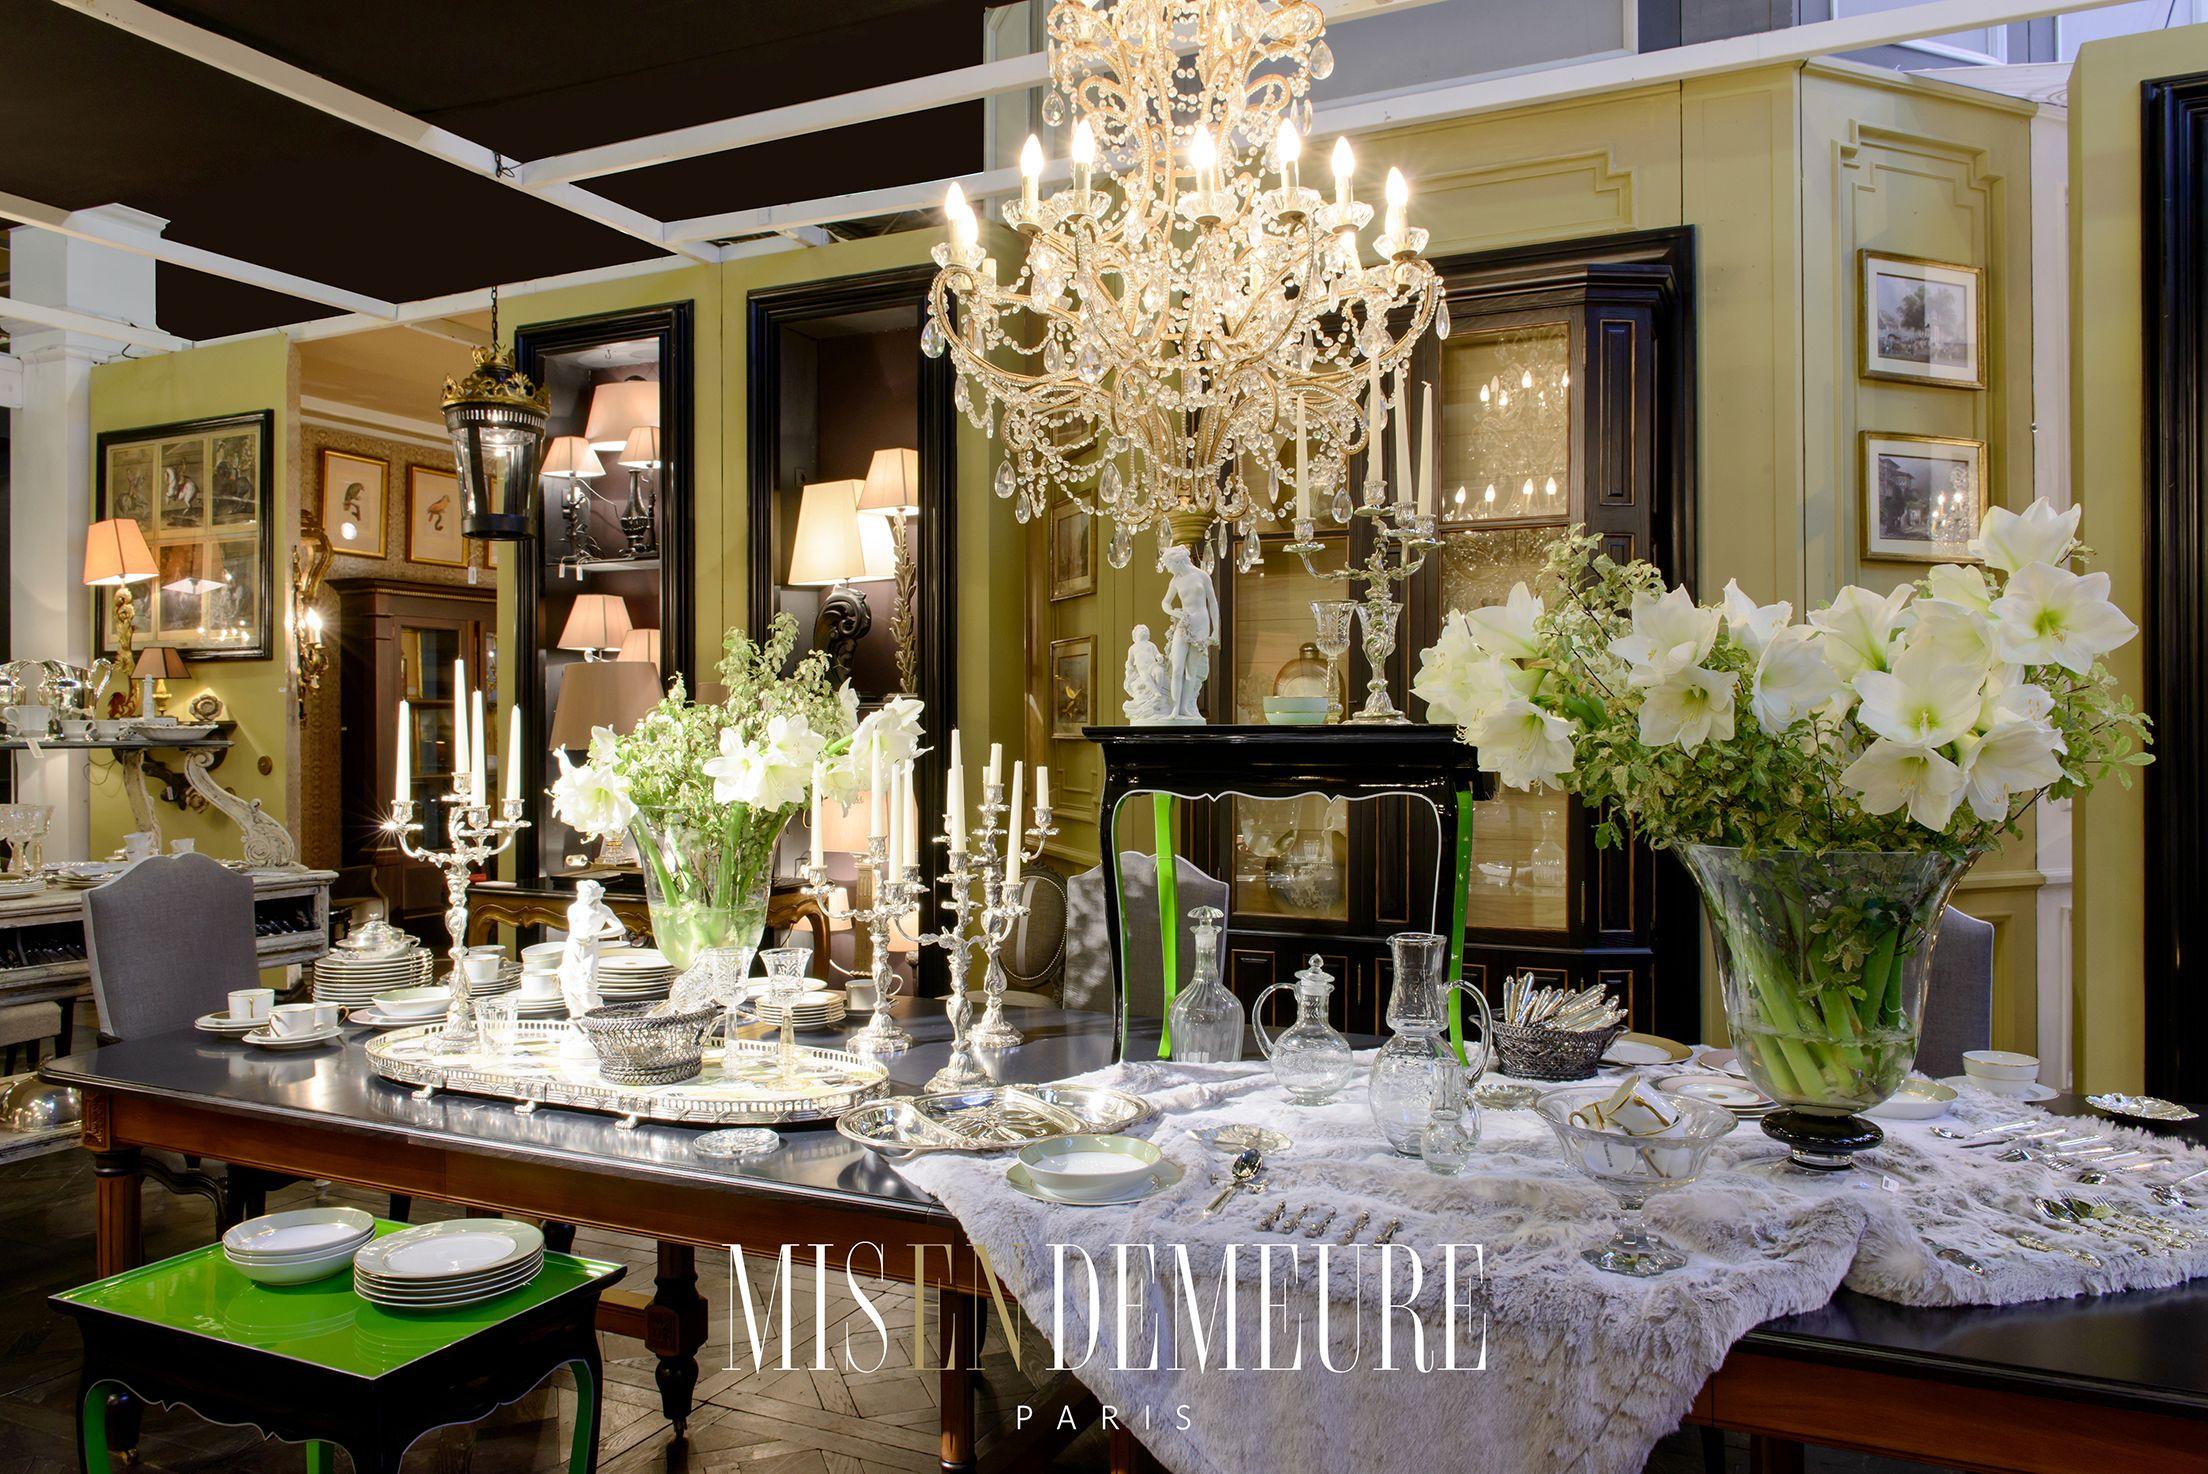 D For Decoration For Mis En Demeure Decoration Lays In Giving Life To Every Single Part Of Your Home Th Salon Maison Et Objet Maison Et Objet Salon Maison